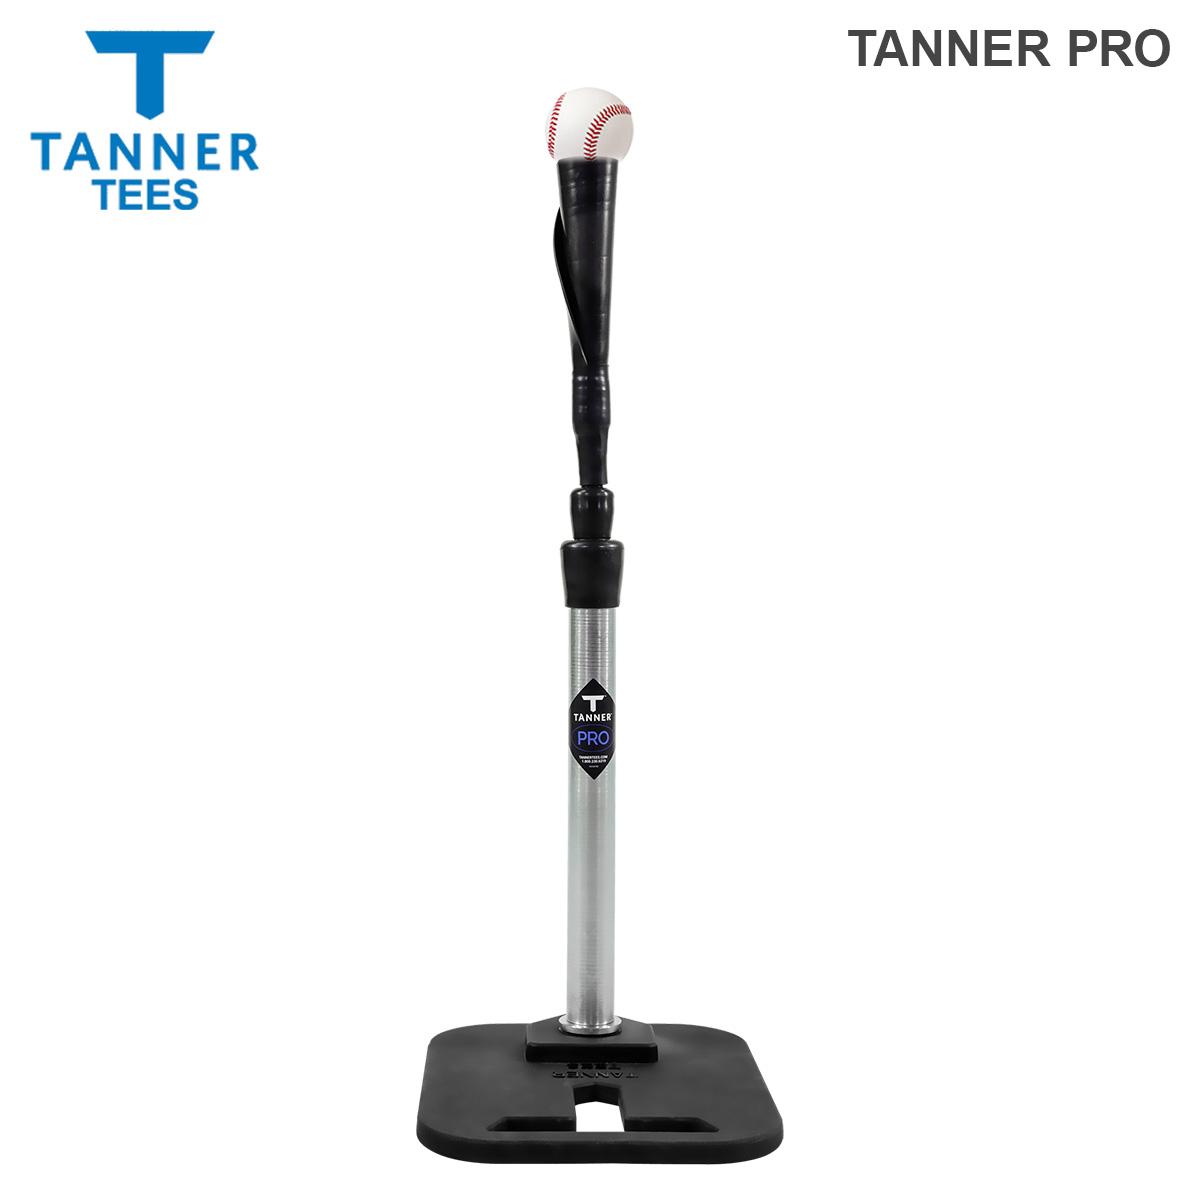 Tanner Tees タナーティー バッティングティー スタンド プロ 野球 打撃 バッティング 硬式 軟式 ソフトボール 練習 TANNER PRO ブラック 黒 TT002